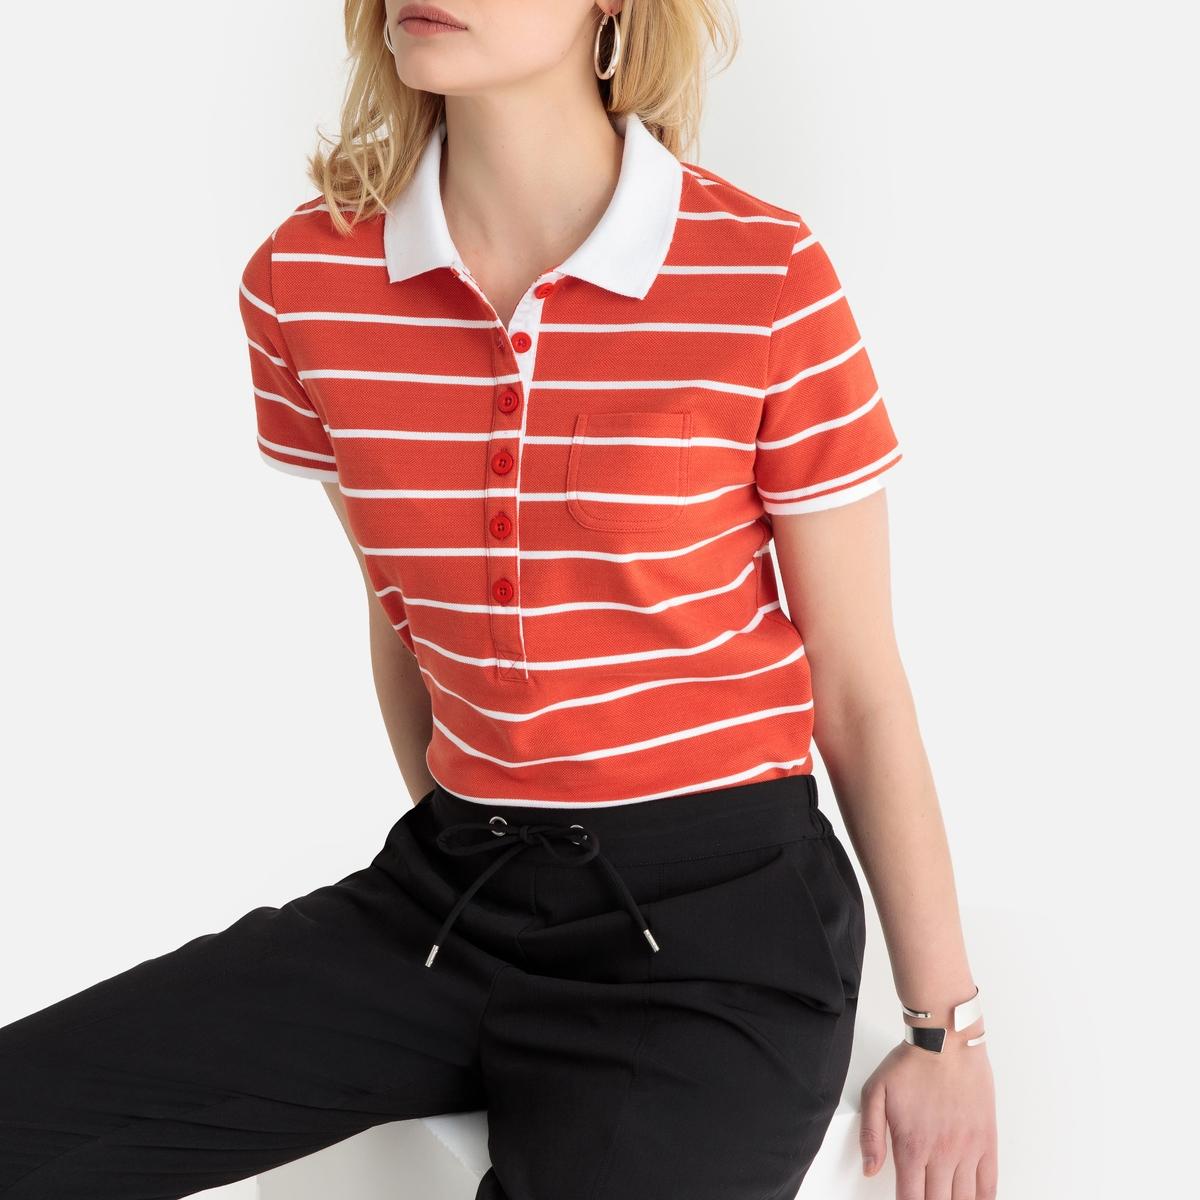 T-shirt com gola polo, mangas curtas, malha piqué